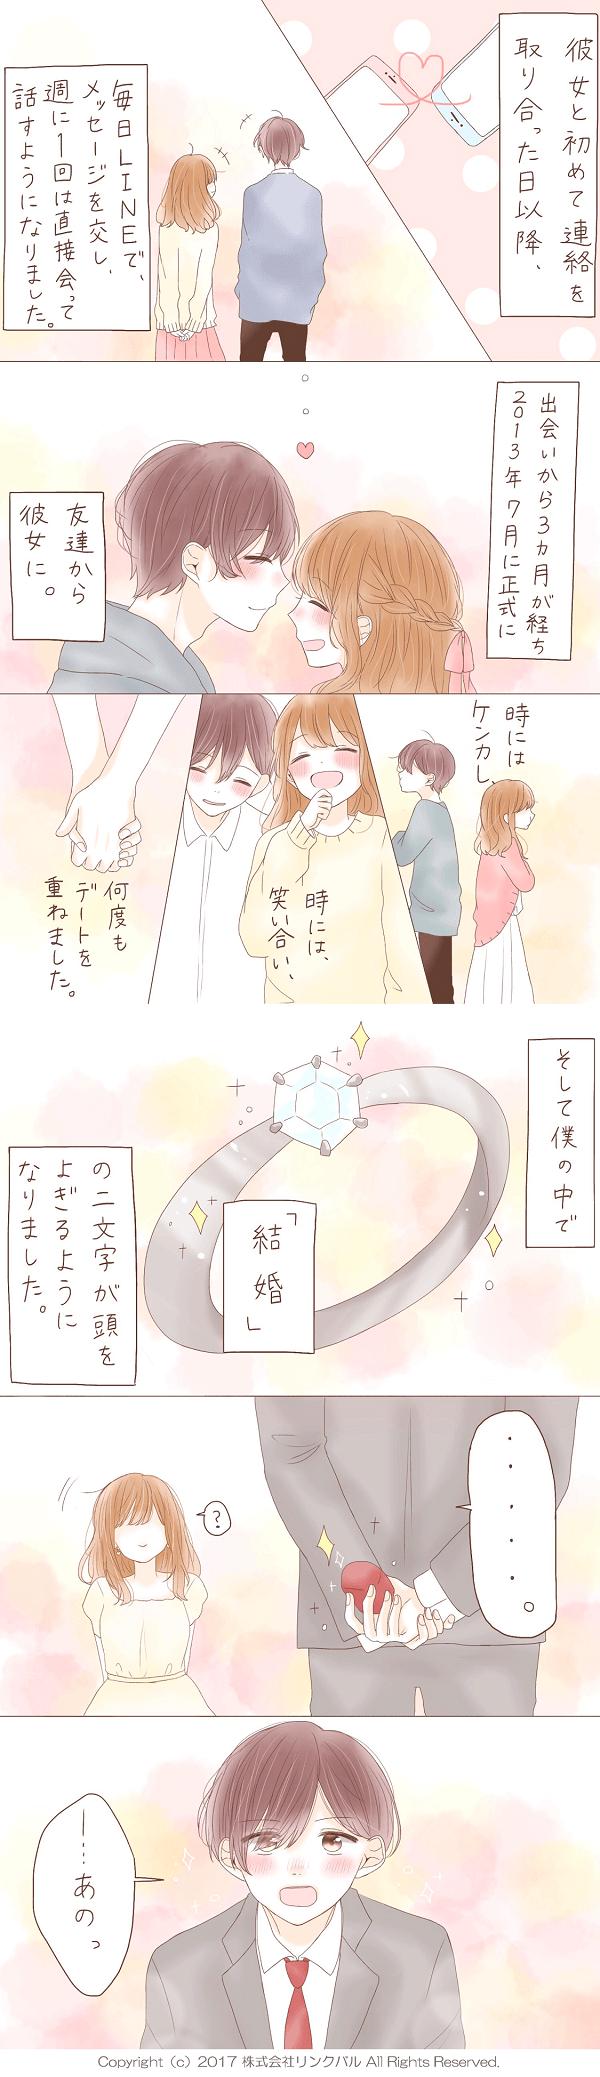 【婚活成功マンガ】キセキノデアイ・第5話「決意」